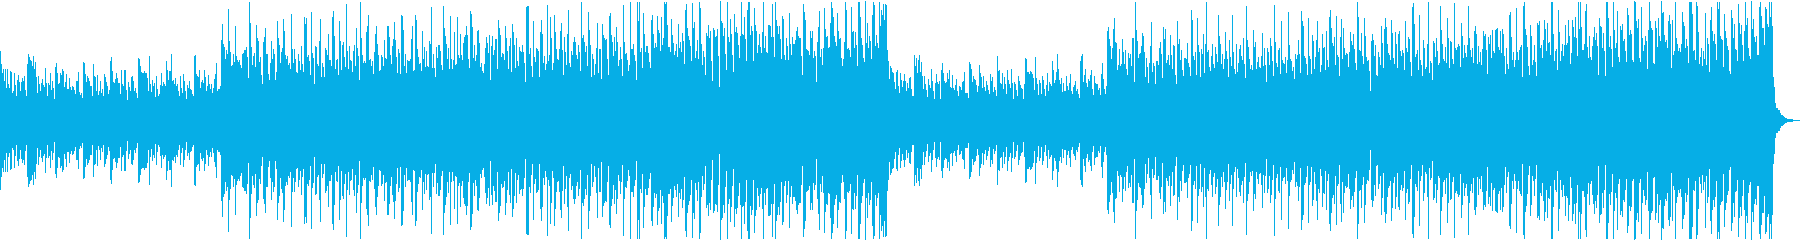 企業シネマティックエピックトレーラーaの再生済みの波形